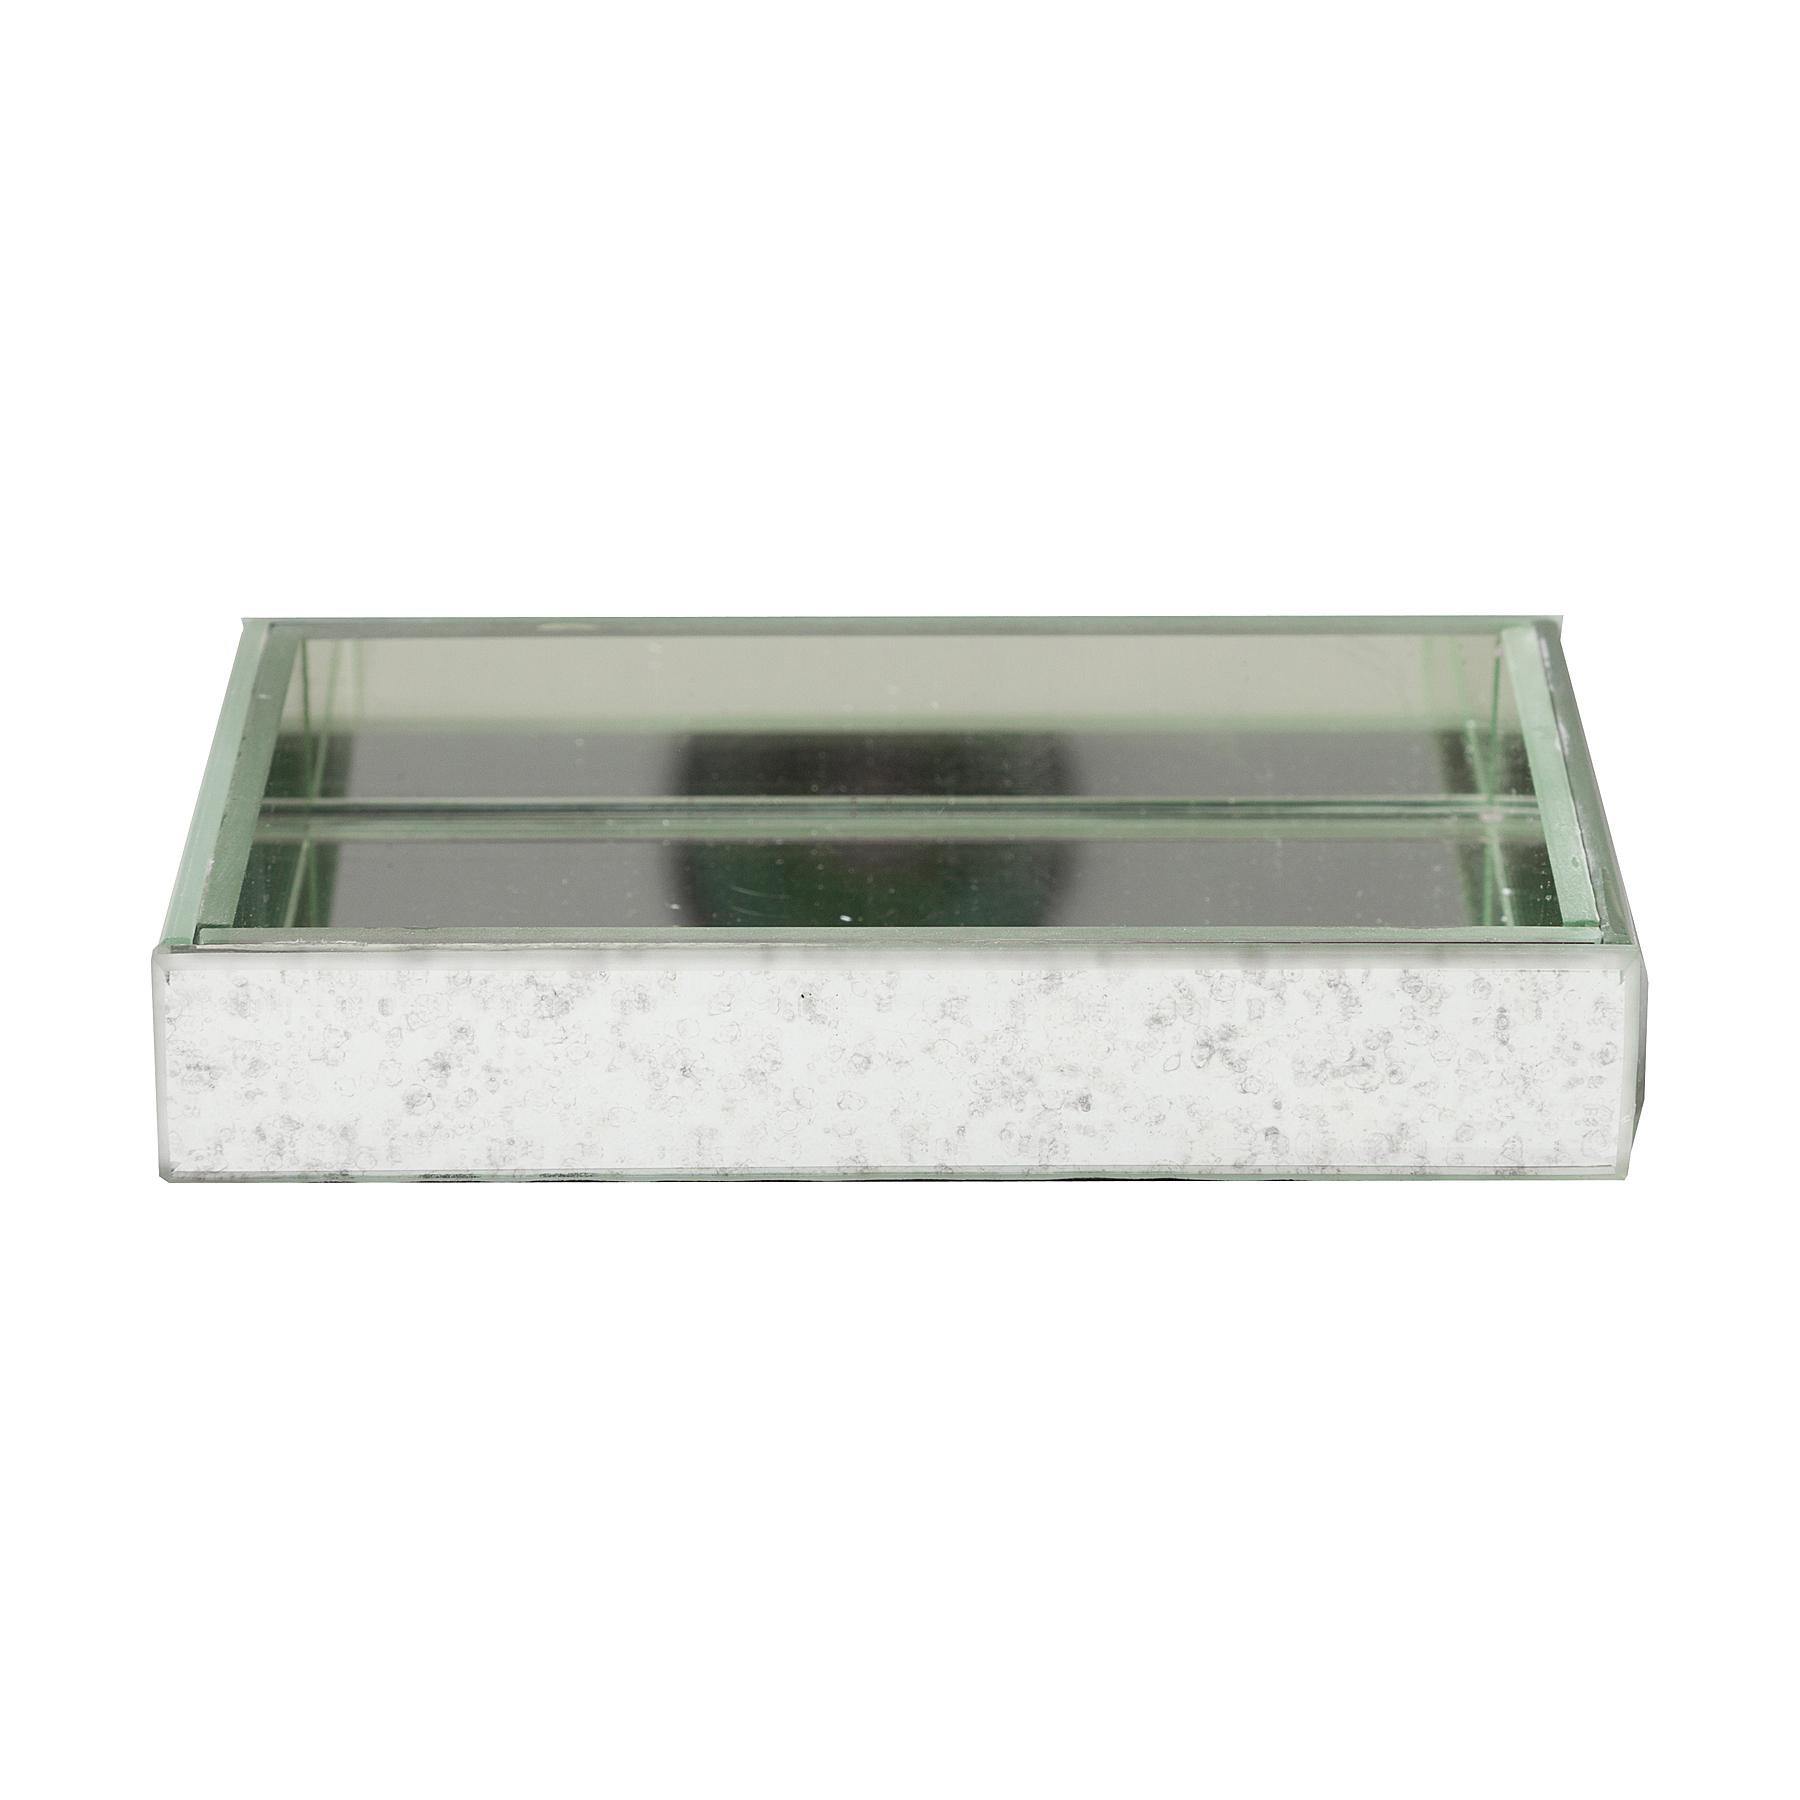 Подставка для мыла BondyАксессуары для ванной<br><br><br>Material: Стекло<br>Width см: 14,5<br>Depth см: 9,5<br>Height см: 2,5